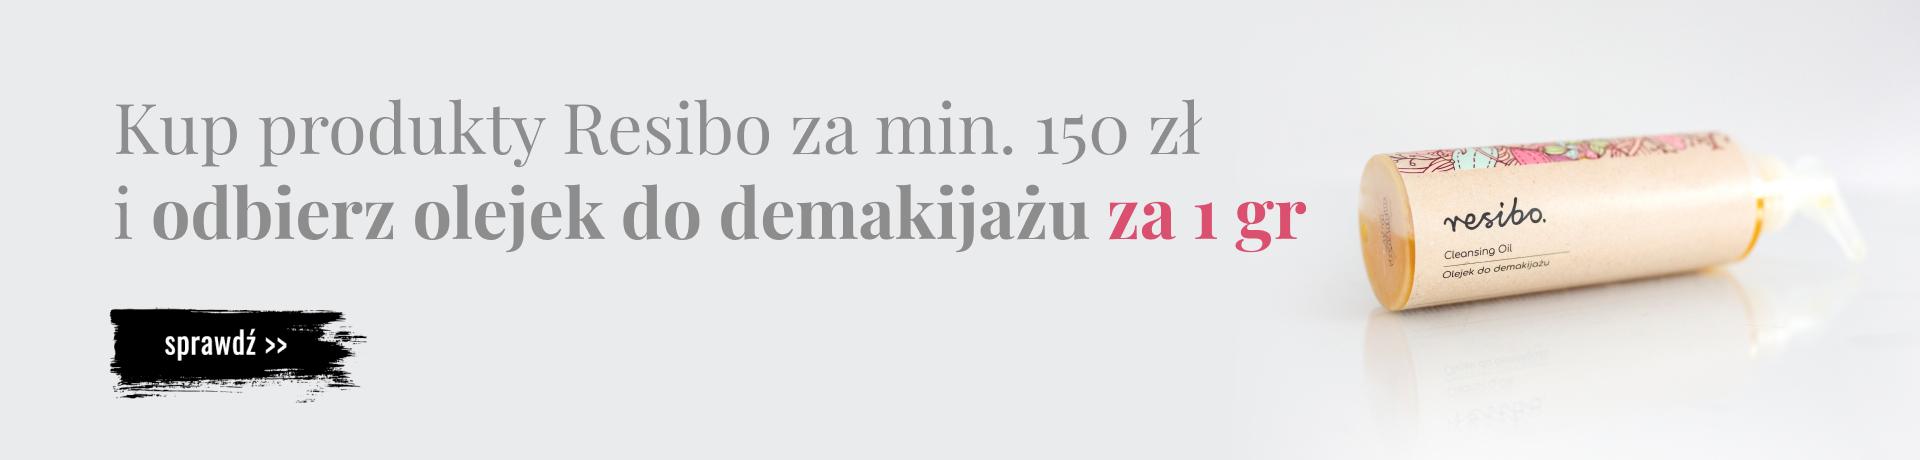 Bee.pl: kup produkty Resibo z amin. 150 zł, a olejek do demakijażu otrzymasz za 1 grosz